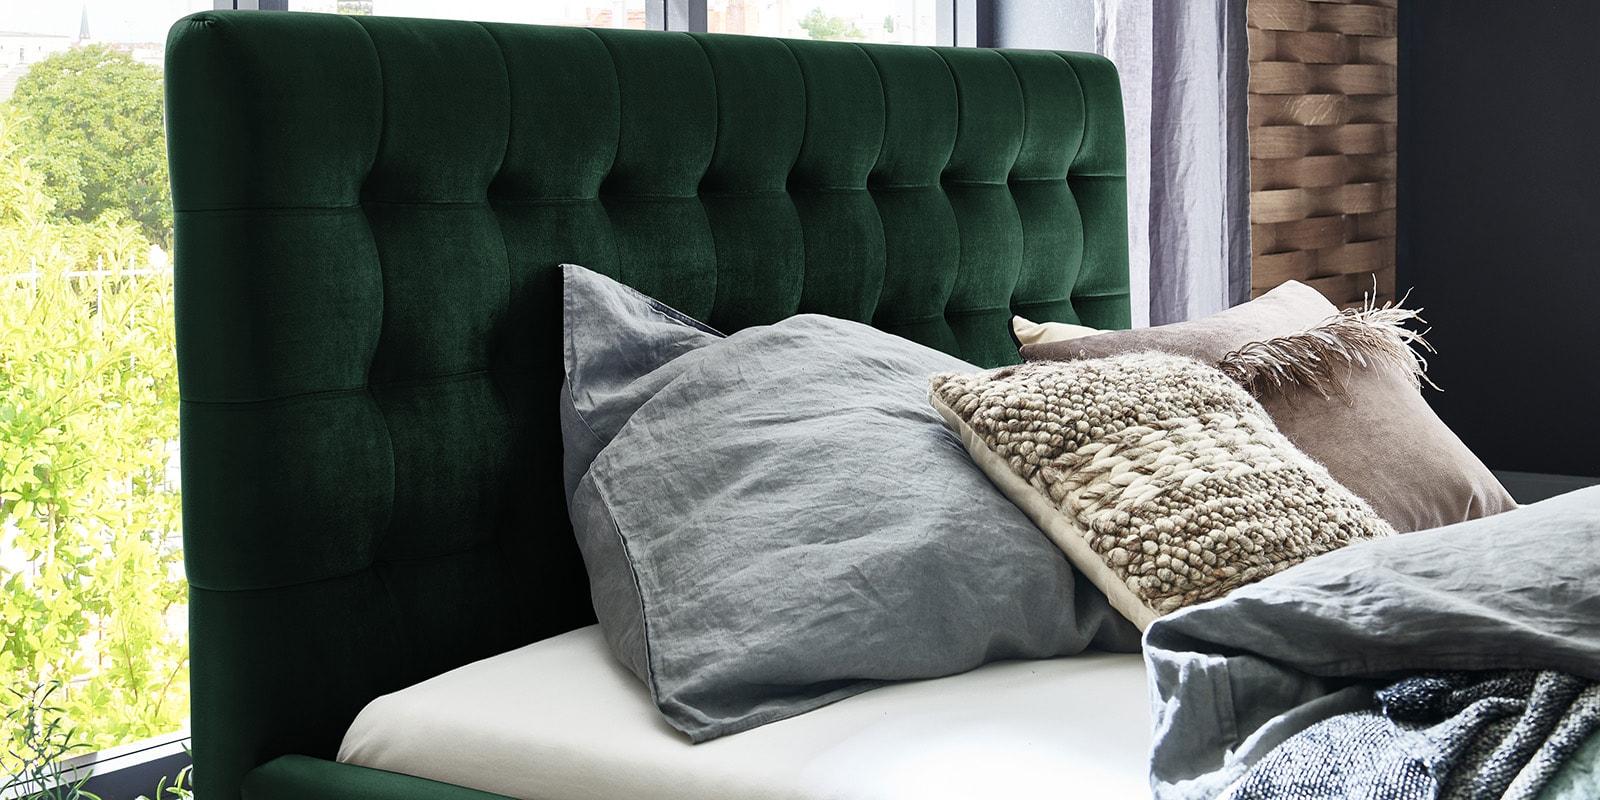 Moebella24 - Bett - mit - Bettkasten - Molly - Samt - Smaragd - Kopfteil - mit - Steppungen - Detailaufnahme